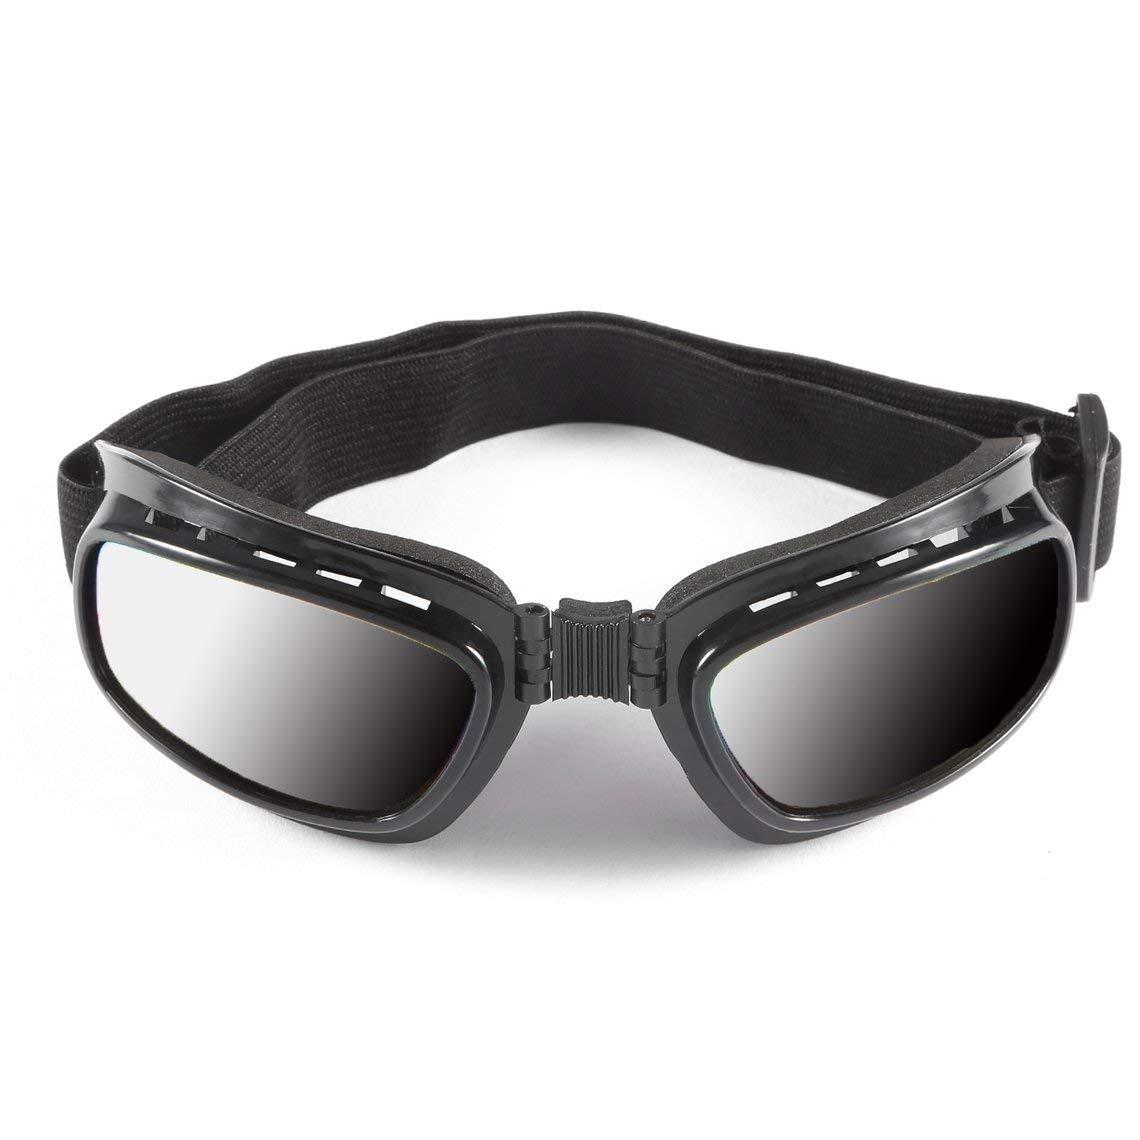 Plegables Gafas de Motocicleta Vintage a Prueba de Viento a Prueba de Polvo Gafas de esqu/í Off Road Racing Gafas Gafas Banda el/ástica Ajustable